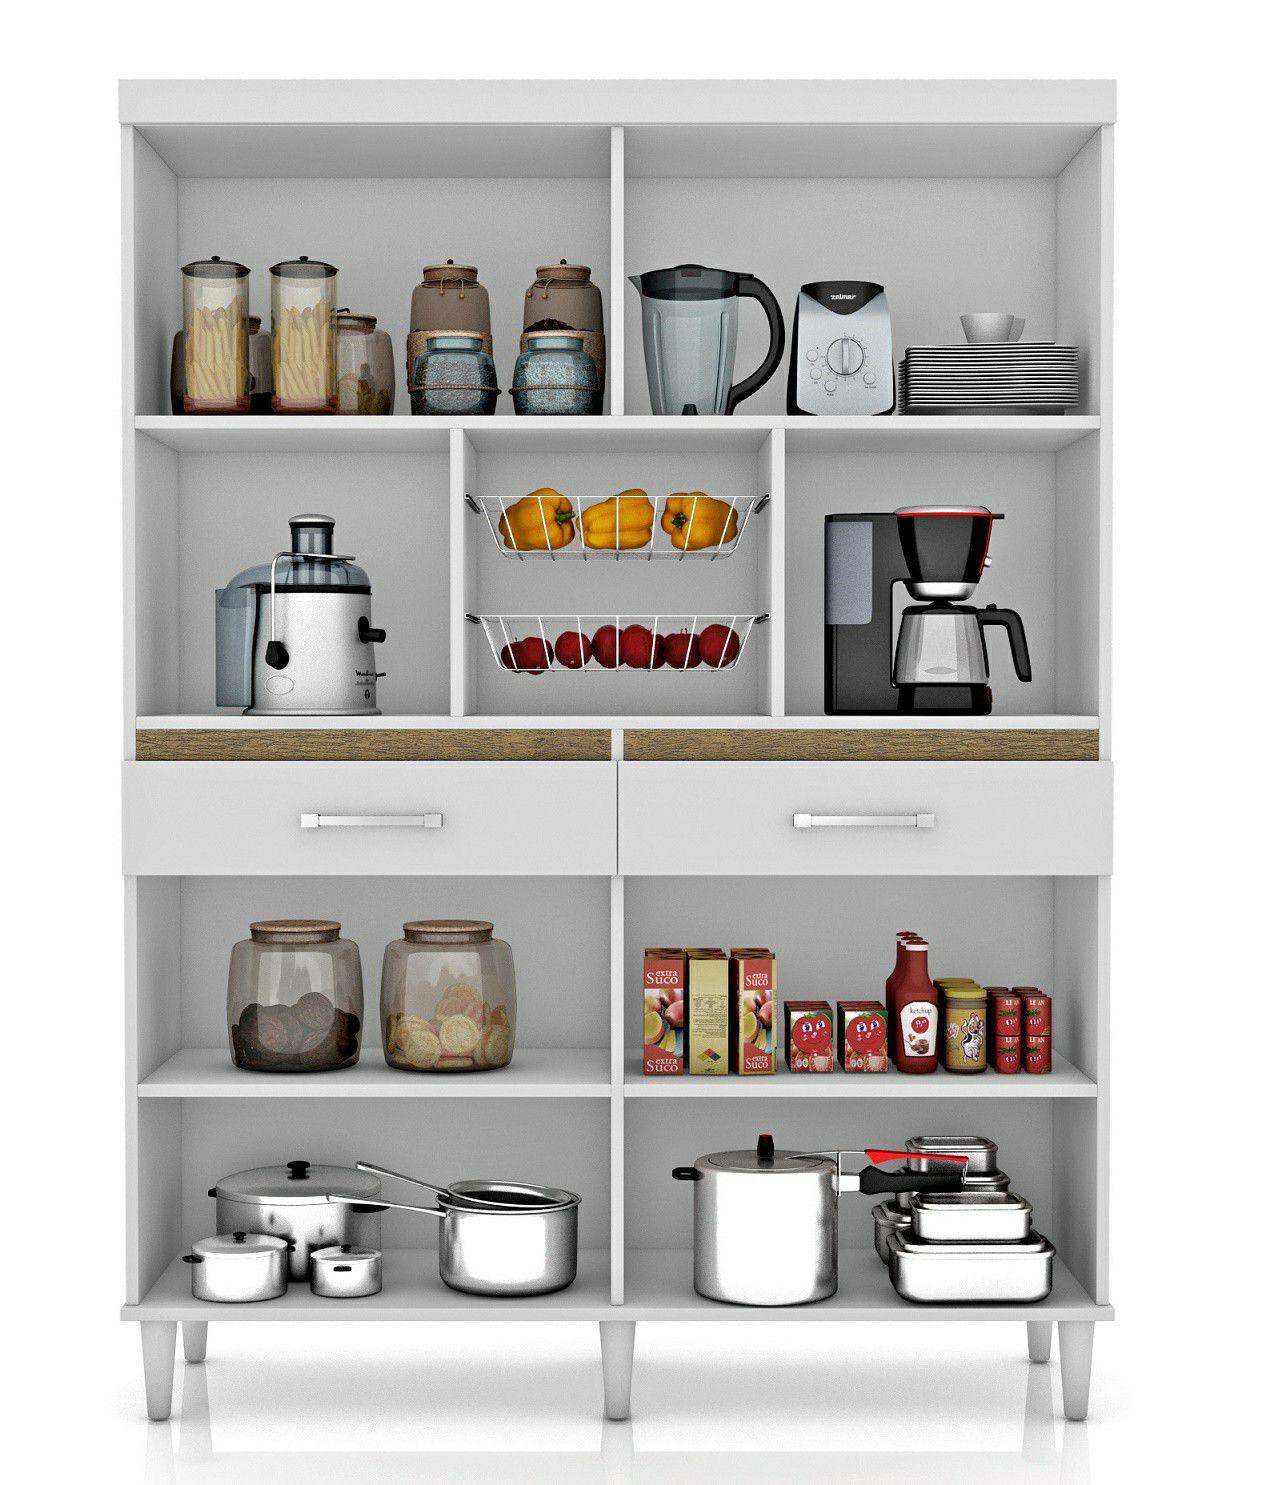 regale und schubladen pantry küche